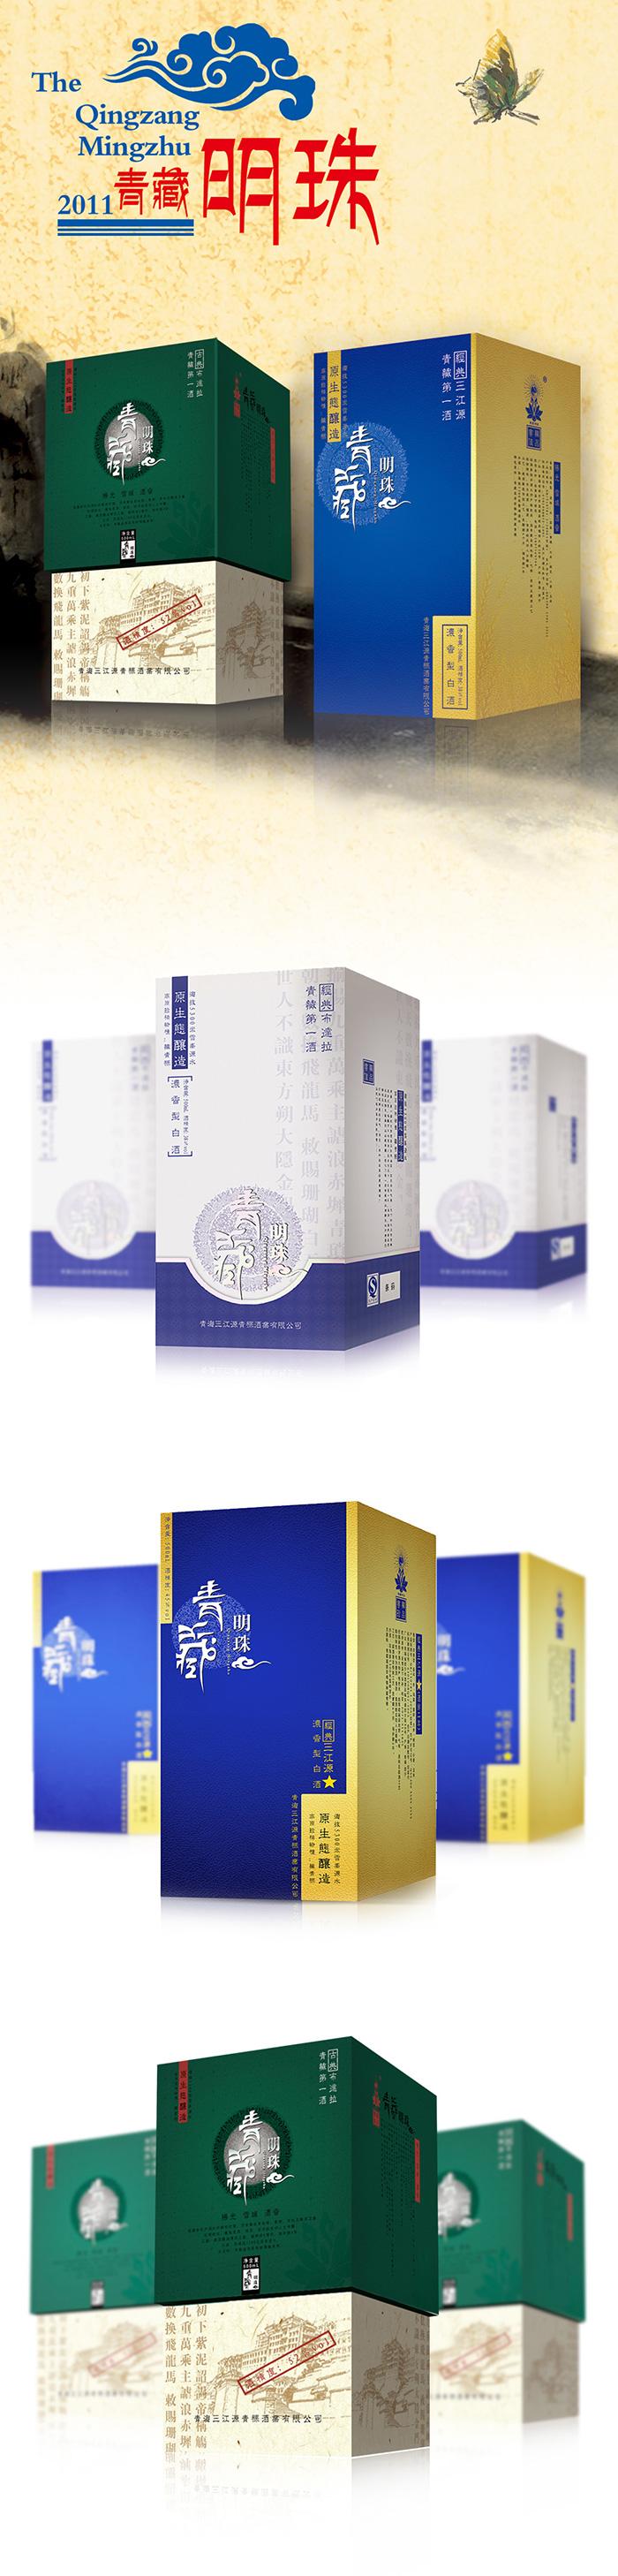 青藏明珠白酒包装亿博竞技展示